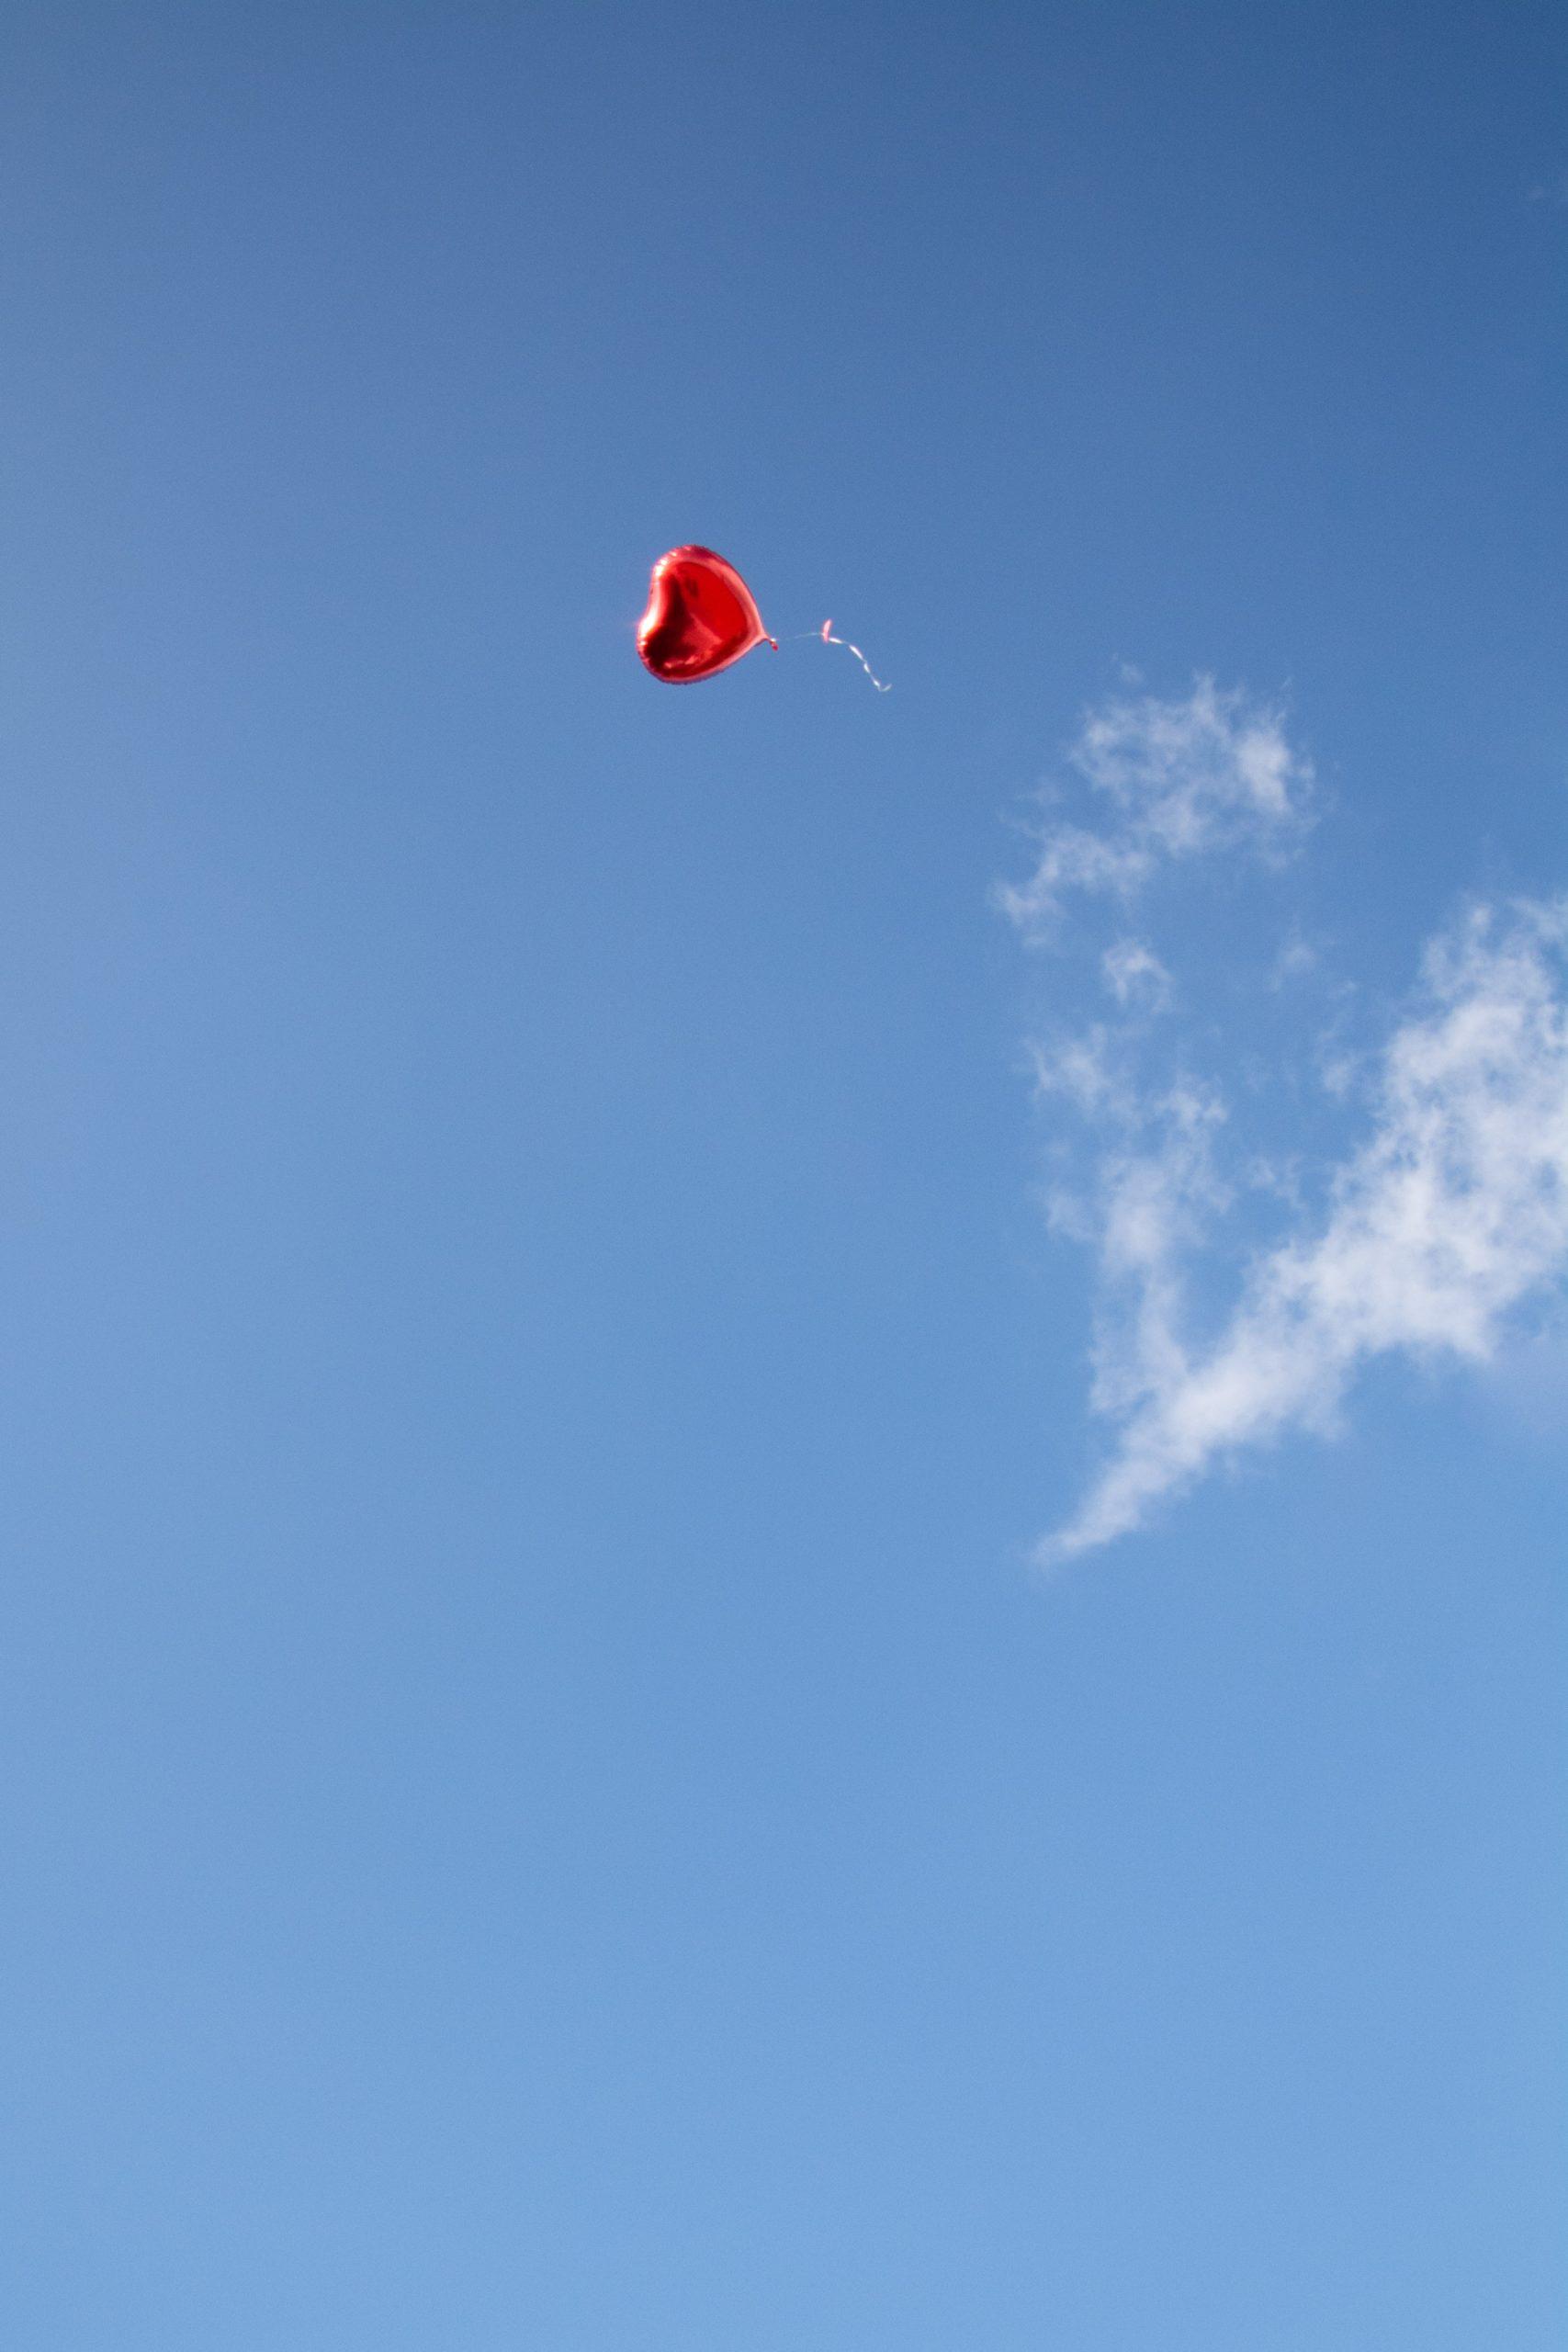 photo-of-heart-shaped-balloon-2397361